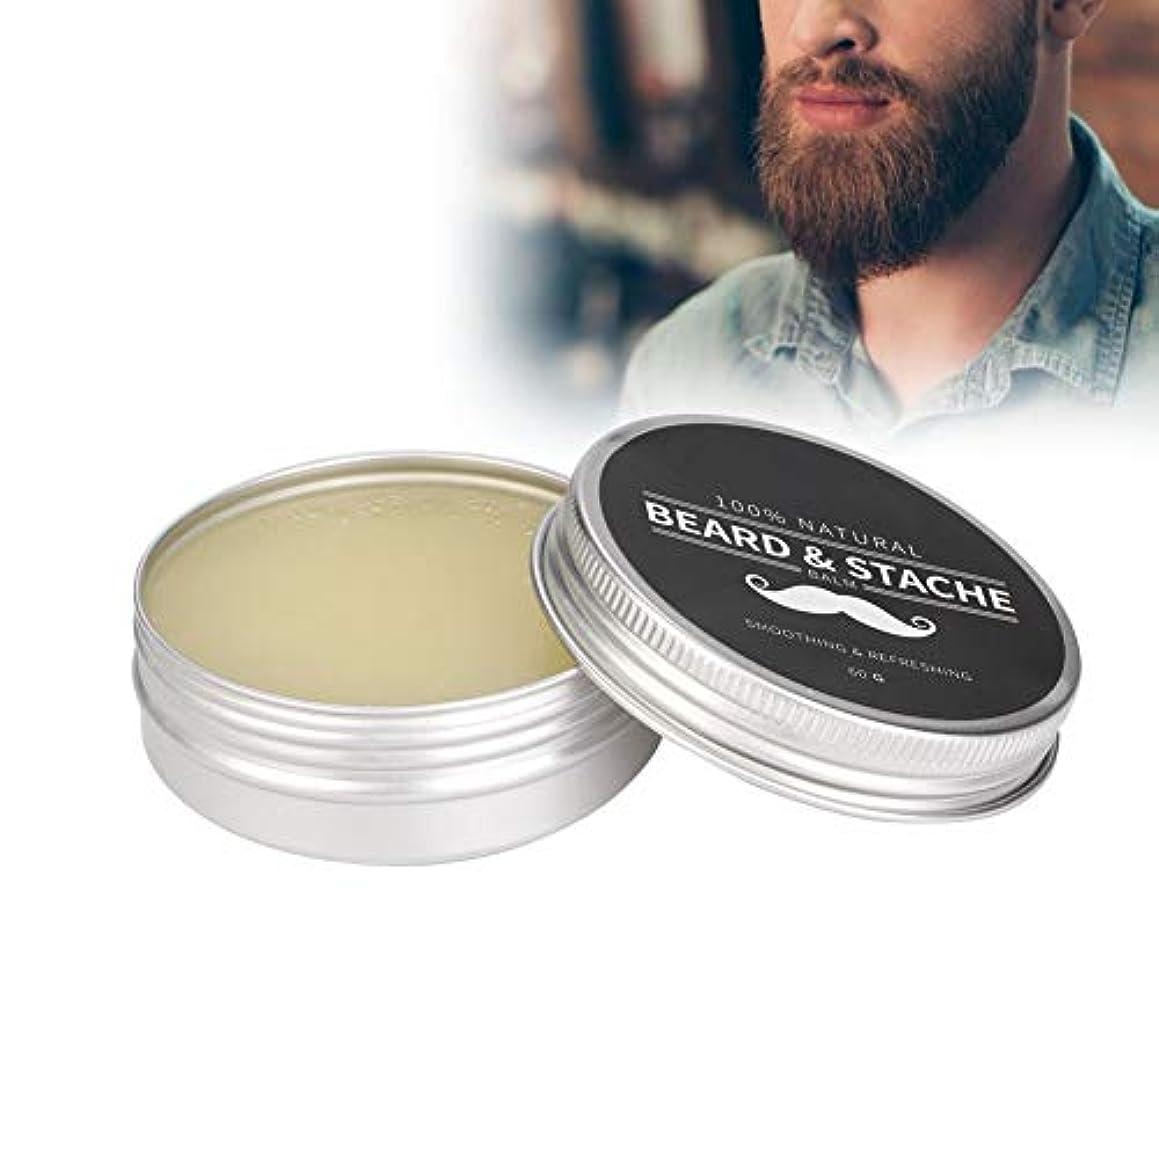 甘くするばかげている男ひげのワックス、保湿となめらかな柔軟剤口ひげのケアクリームは使用する男性のための分岐とひげの損失を防ぐのに役立ちます